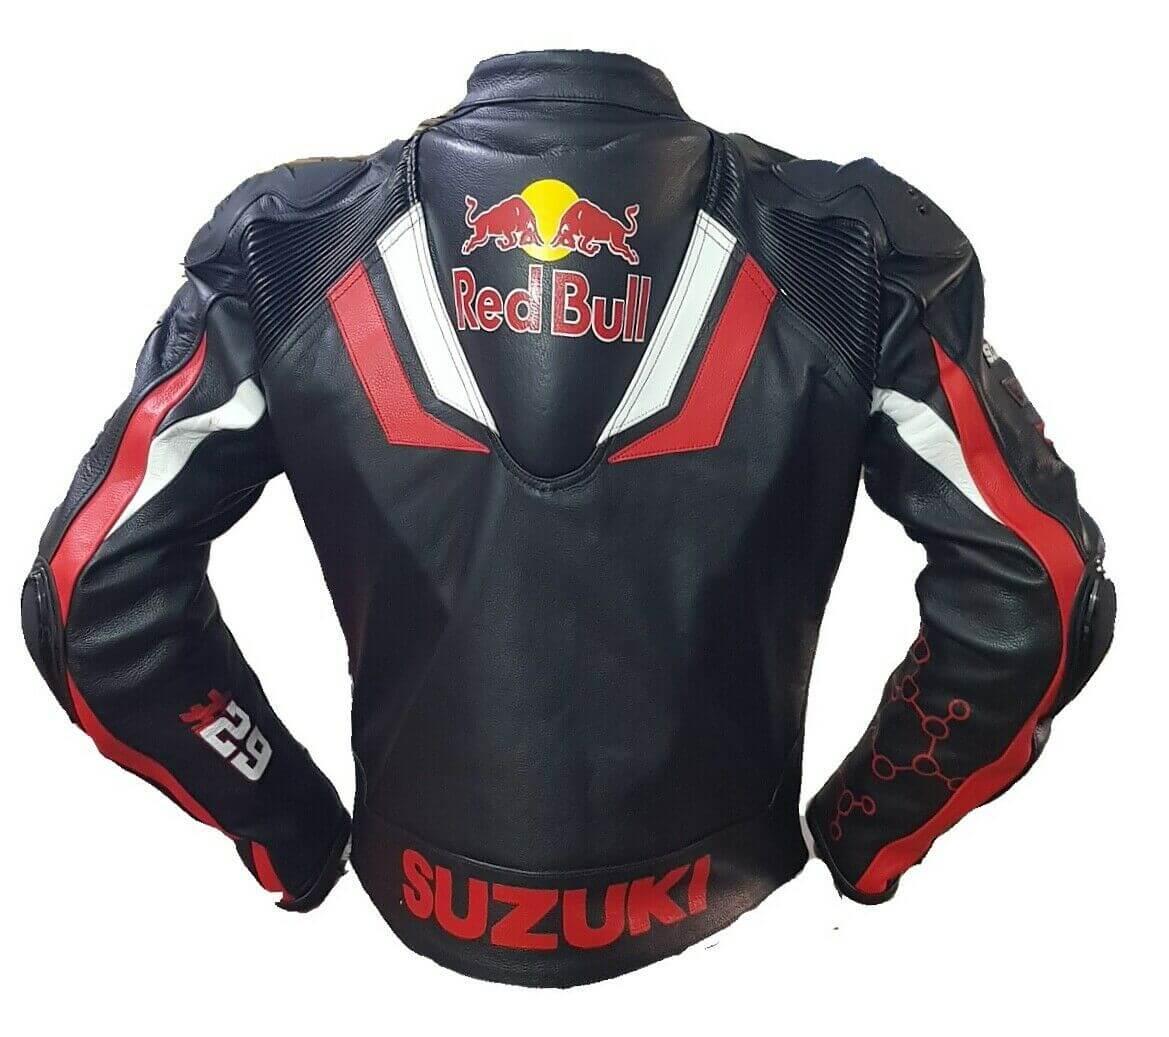 Suzuki GSXR Red Bull Motorcycle Leather Jacket